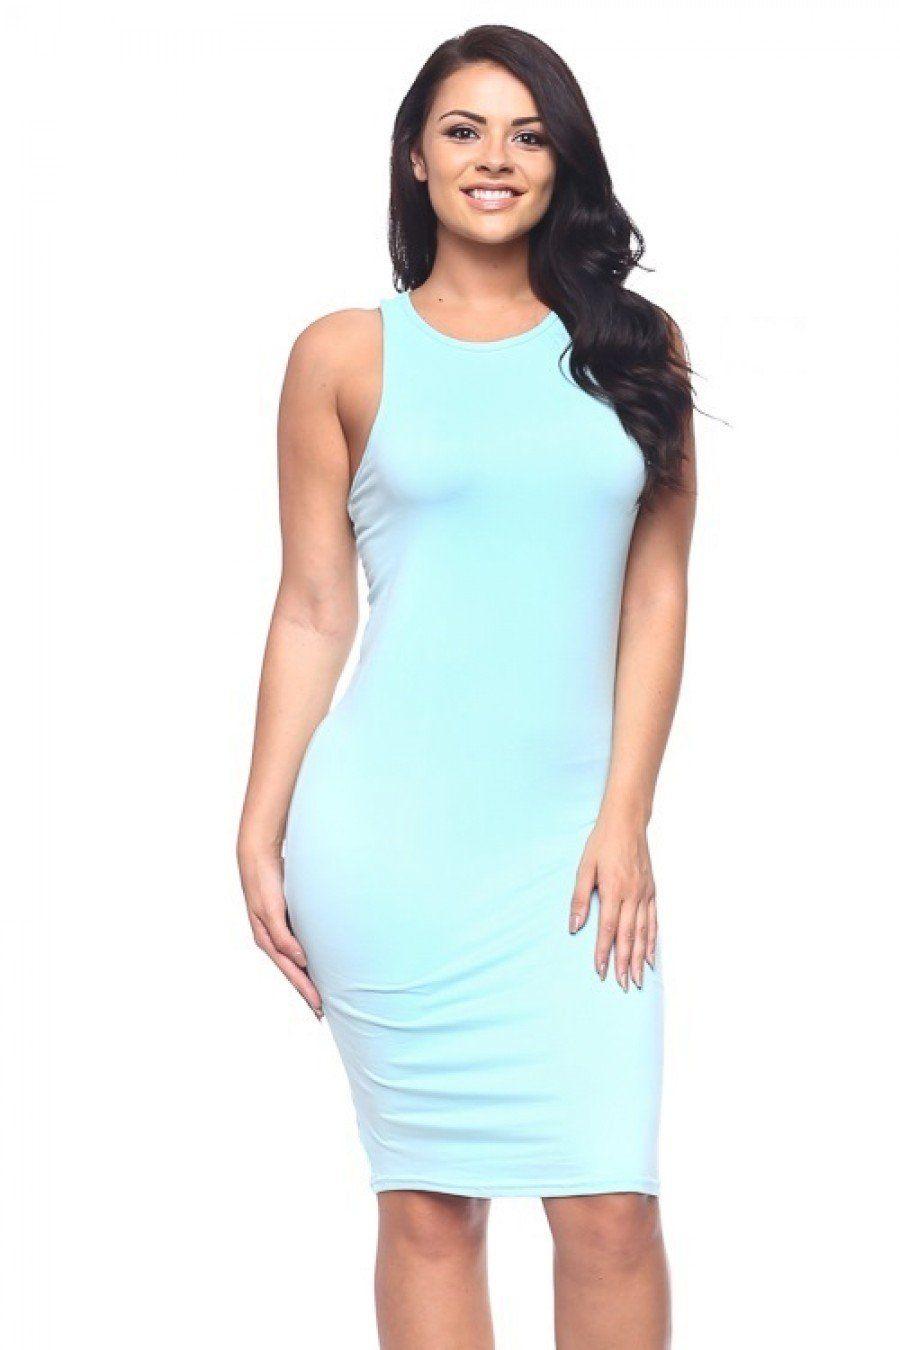 Basic Bodycon Dress Mint In 2021 Basic Bodycon Dress Bodycon Dress Dresses [ 1350 x 900 Pixel ]